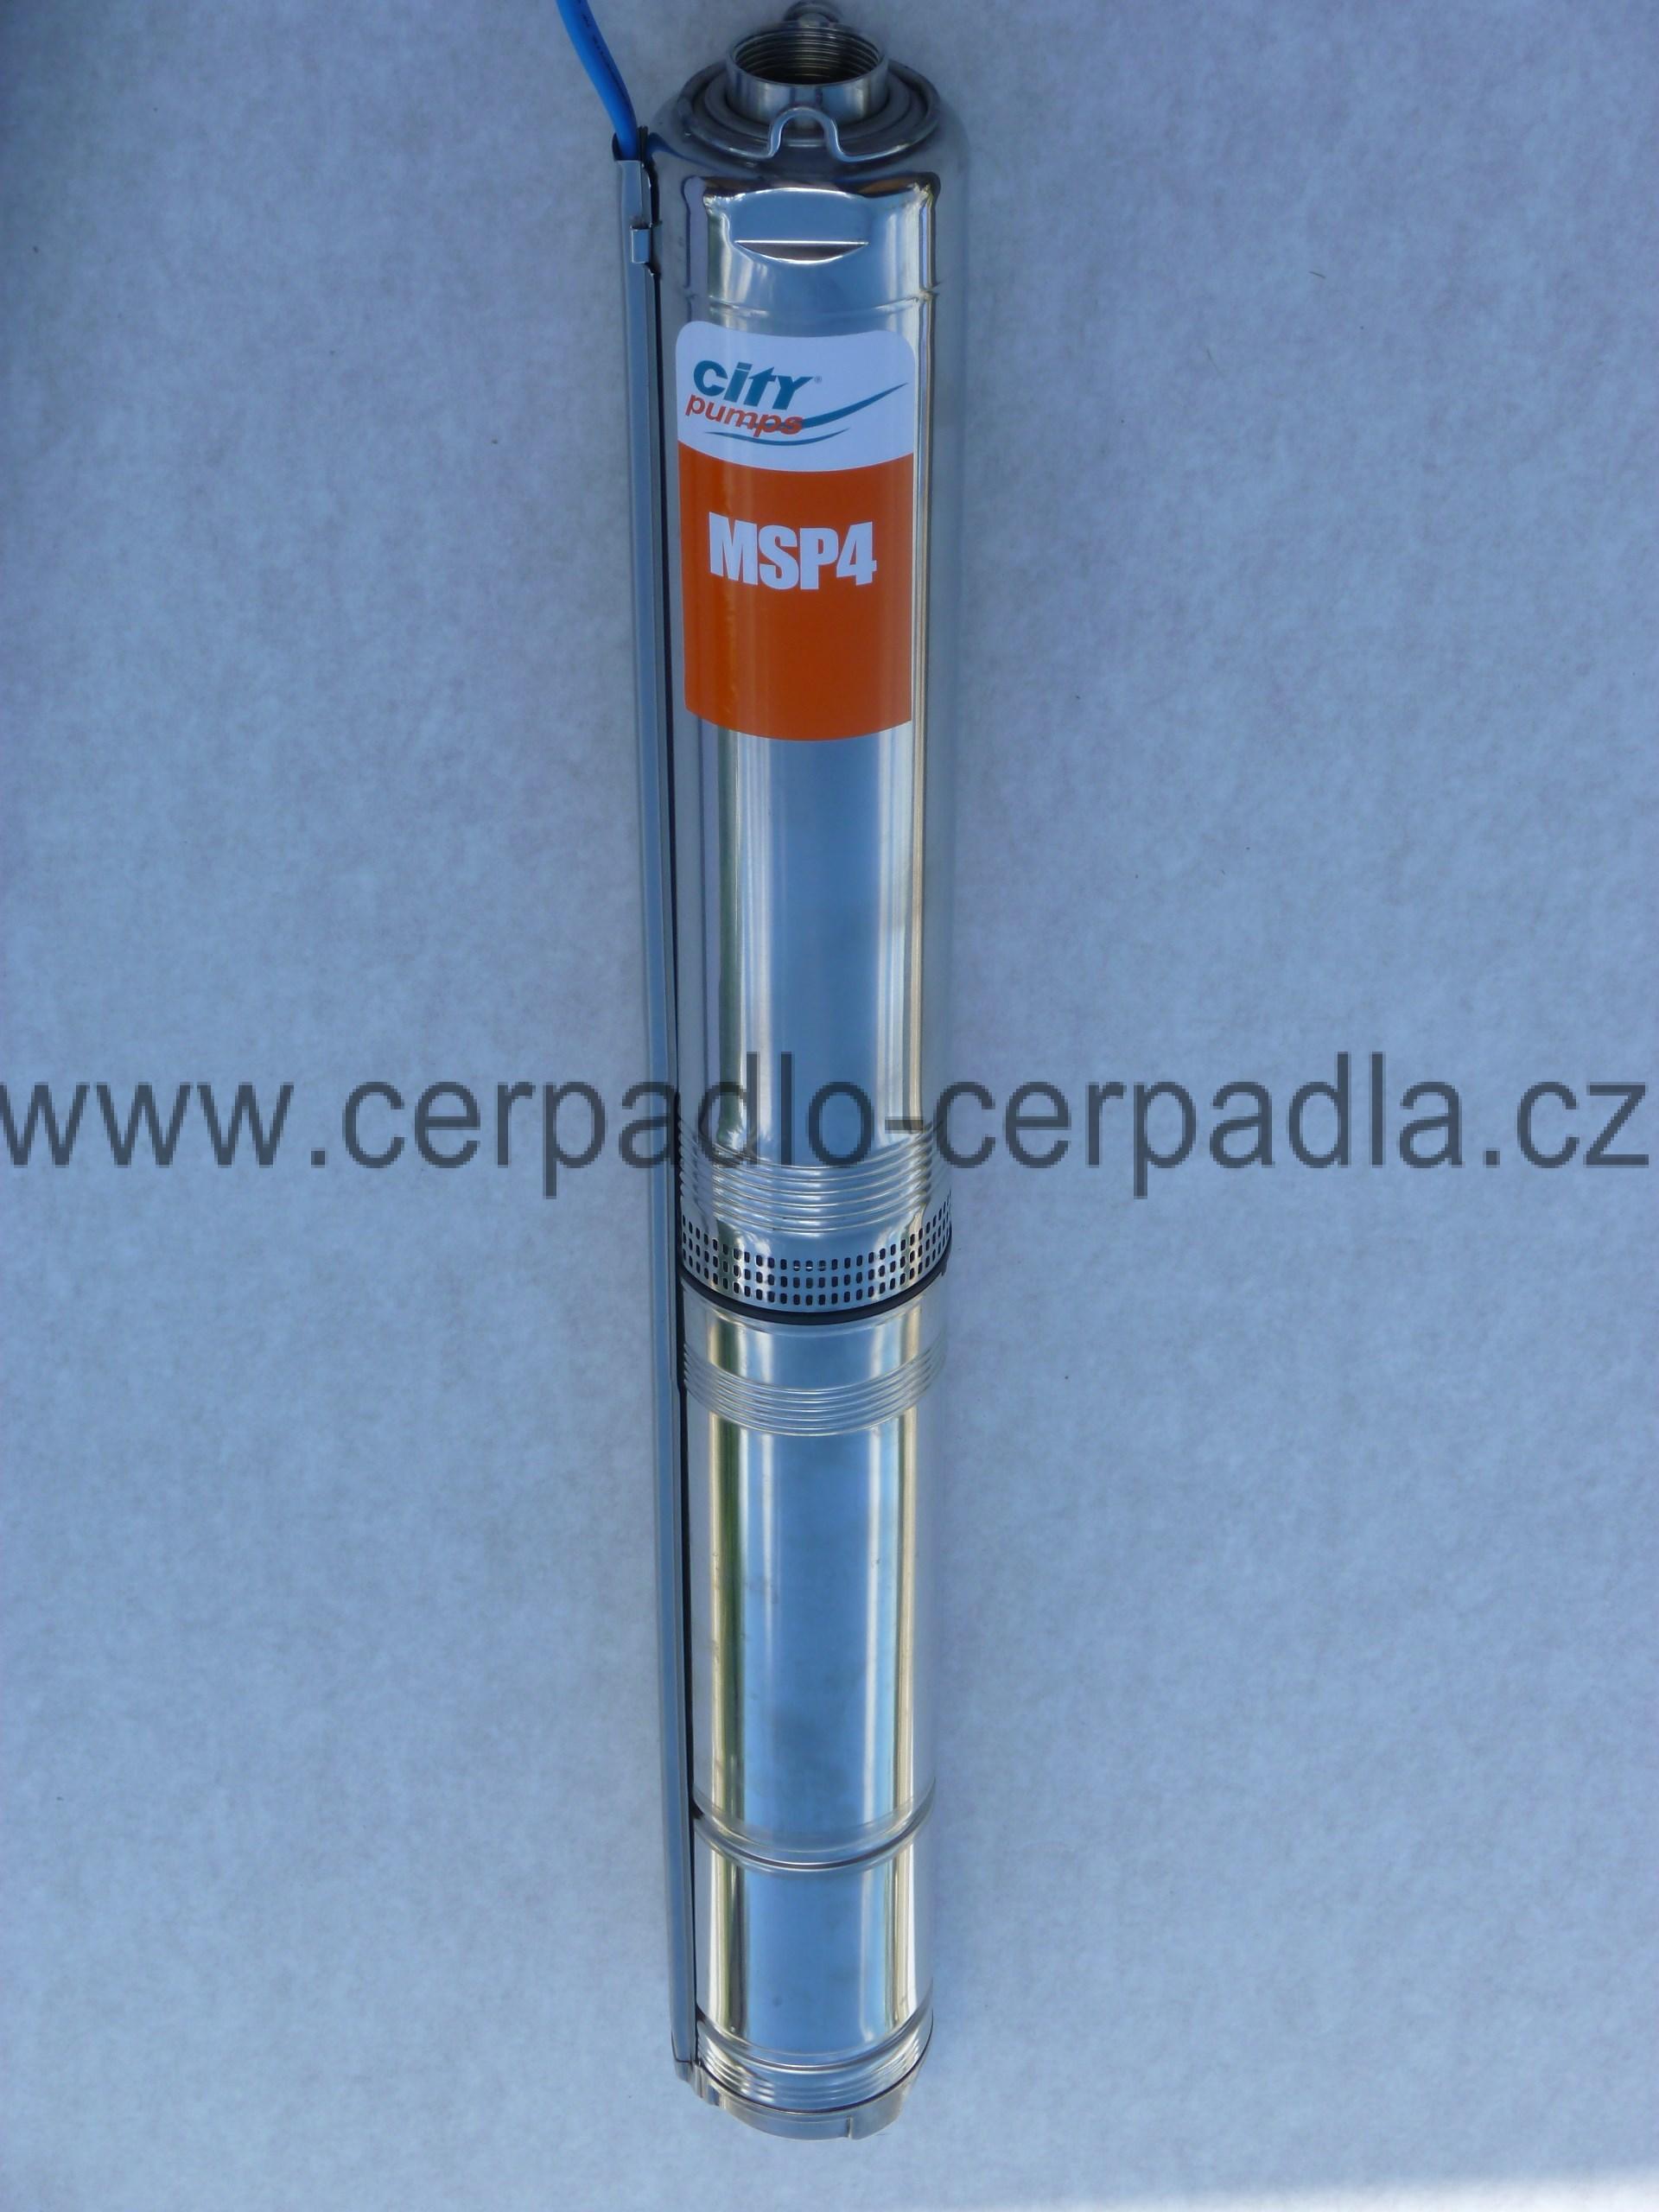 2MSP15-4 60/135, ponorné čerpadlo, 20m kabel 230V, City Pumps (čerpadla do vrtu 2MSP15-4 1,1 kW)